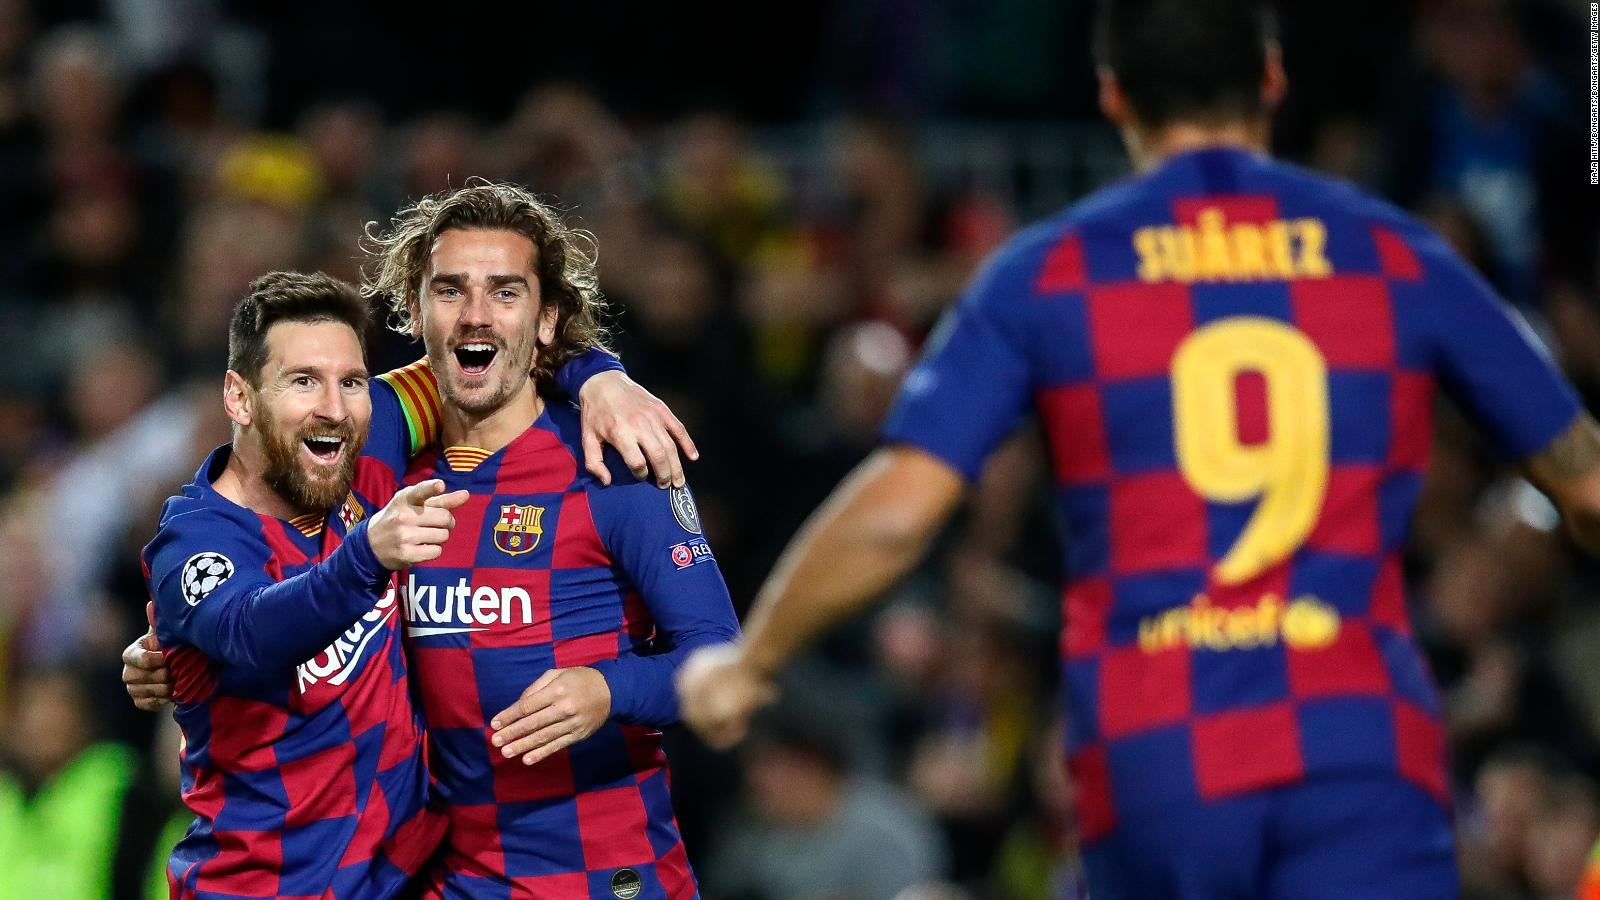 El Fc Barcelona Anuncia Que Cuenta Con Lionel Messi Para El Futuro Video Cnn